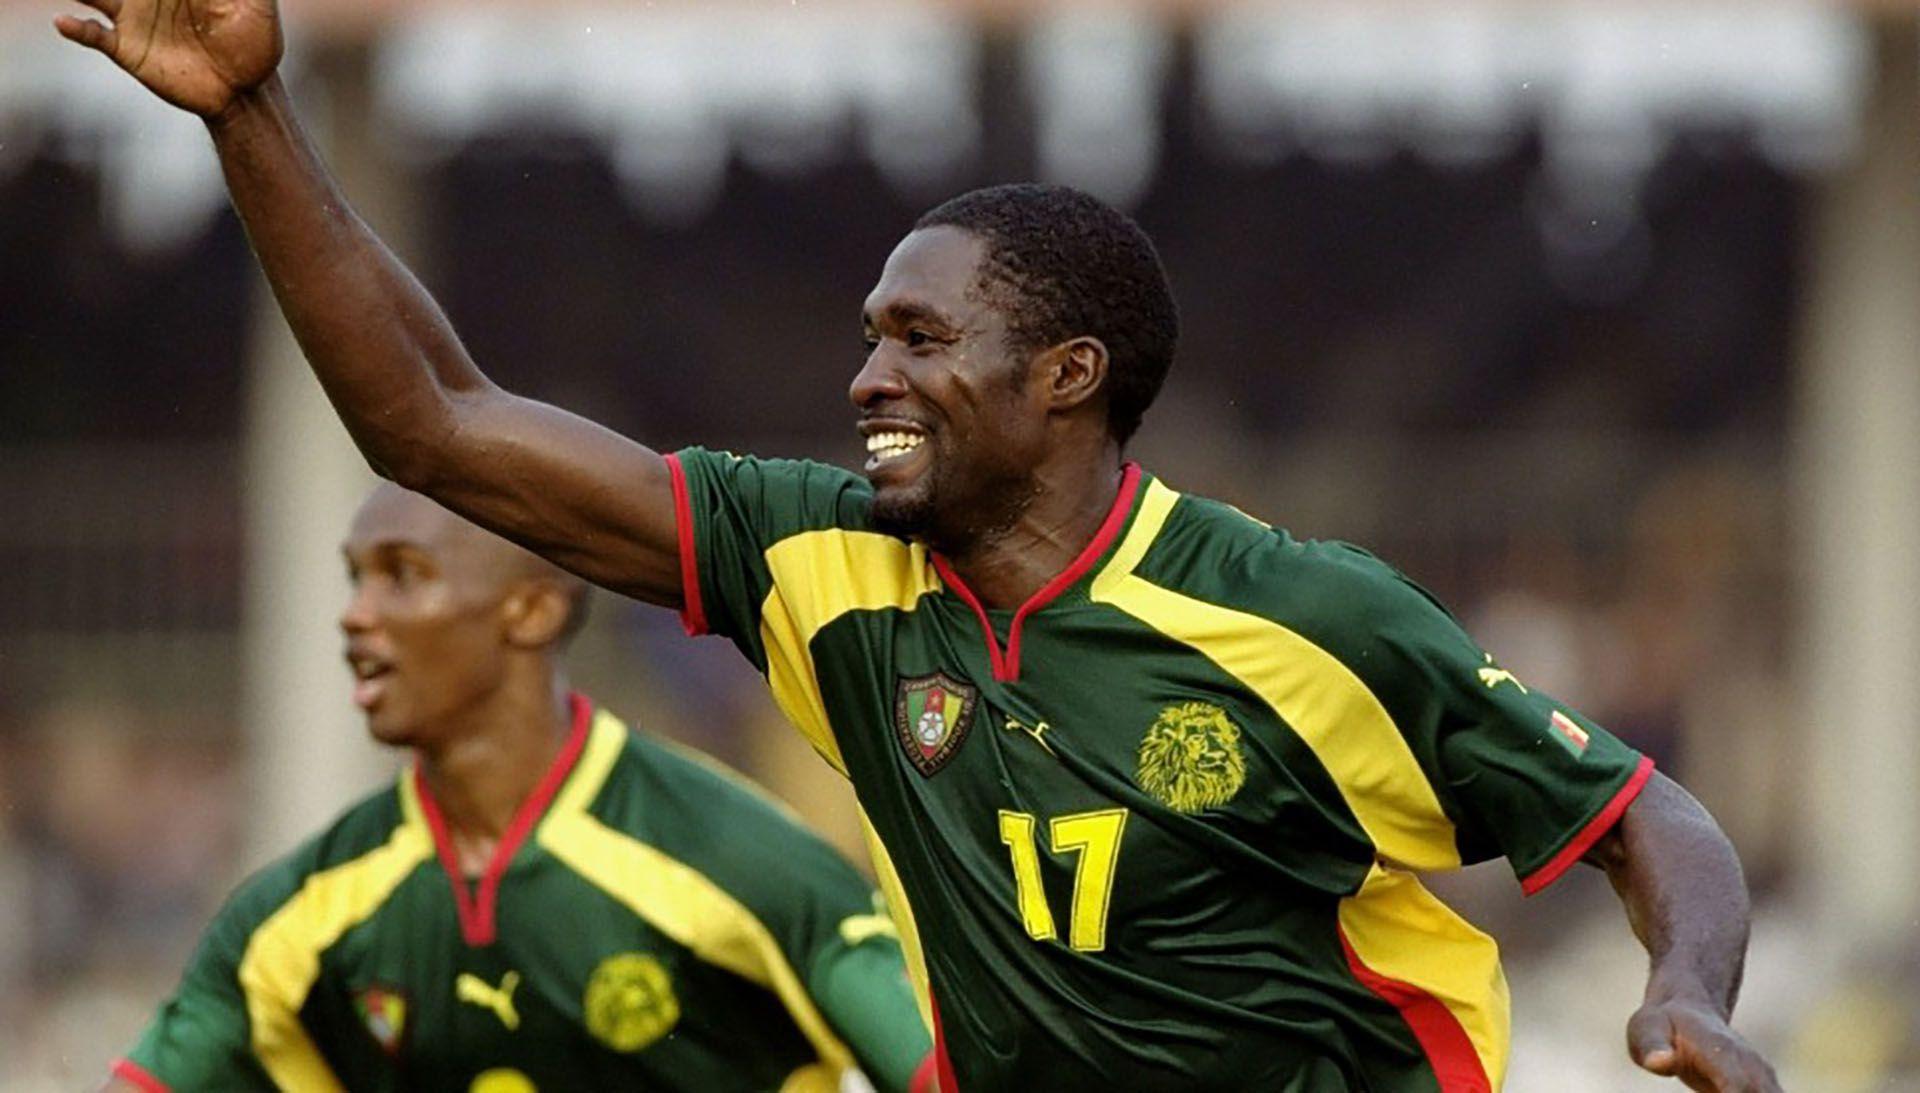 Marc-Vivien Foe, el futbolista camerunés que murió en 2003 por un ataque cardíaco en pleno partido